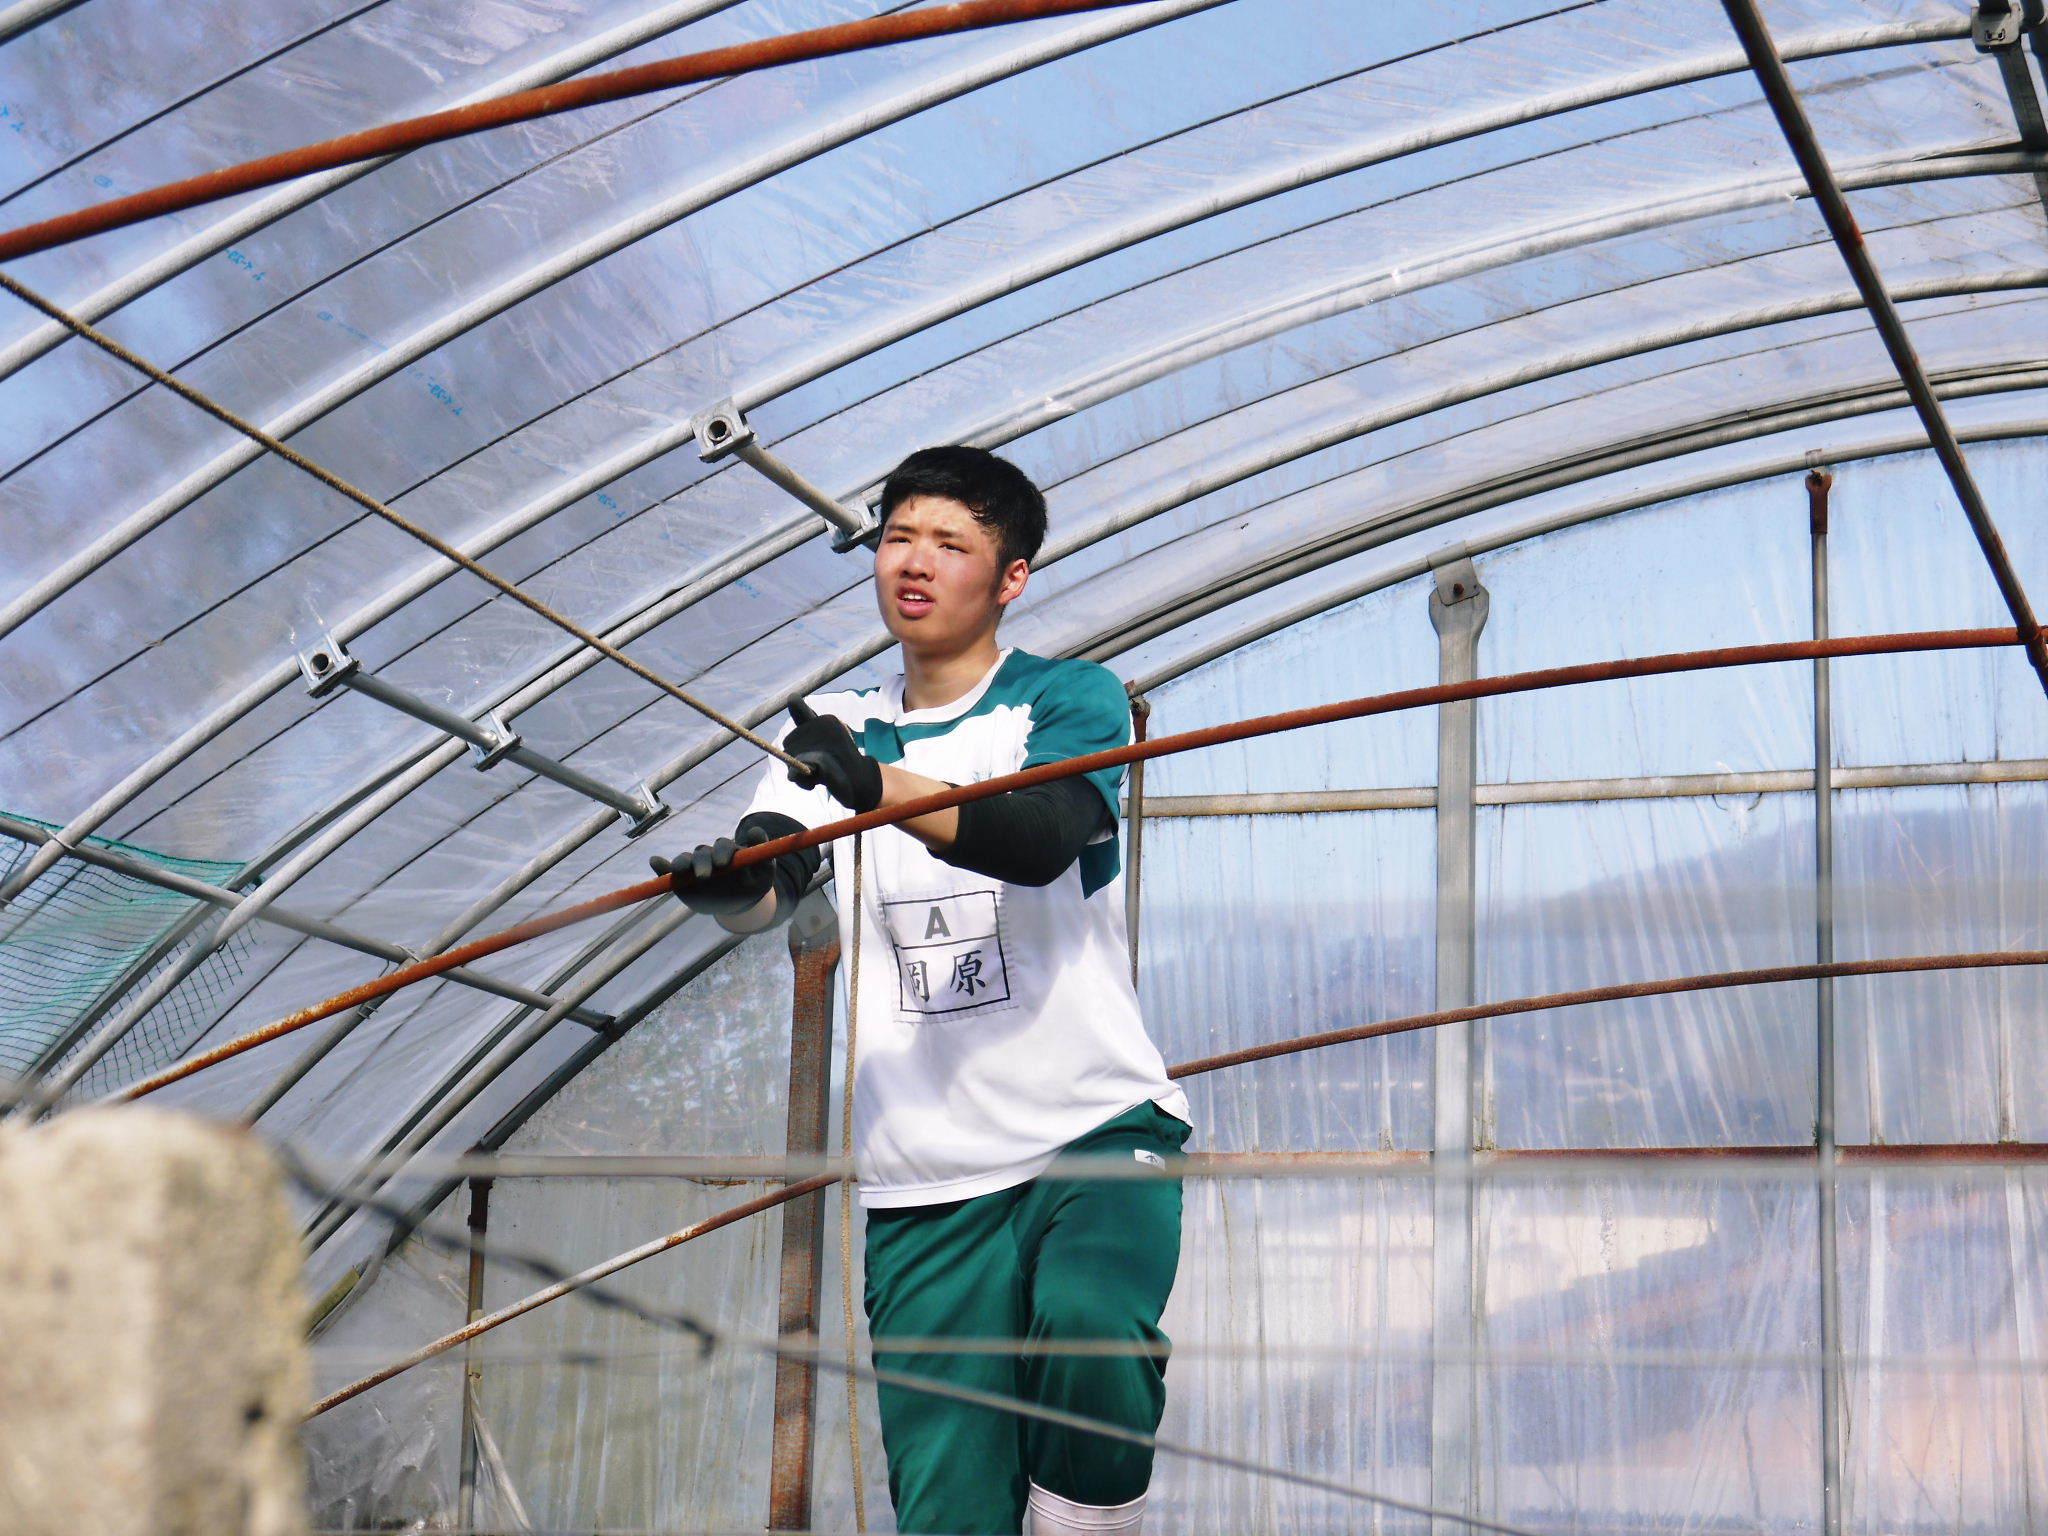 熊本ぶどう 社方園 ハウスの内張り作業を熊本農業高校からの農業実習と共に行っています(2020)後編_a0254656_16590658.jpg